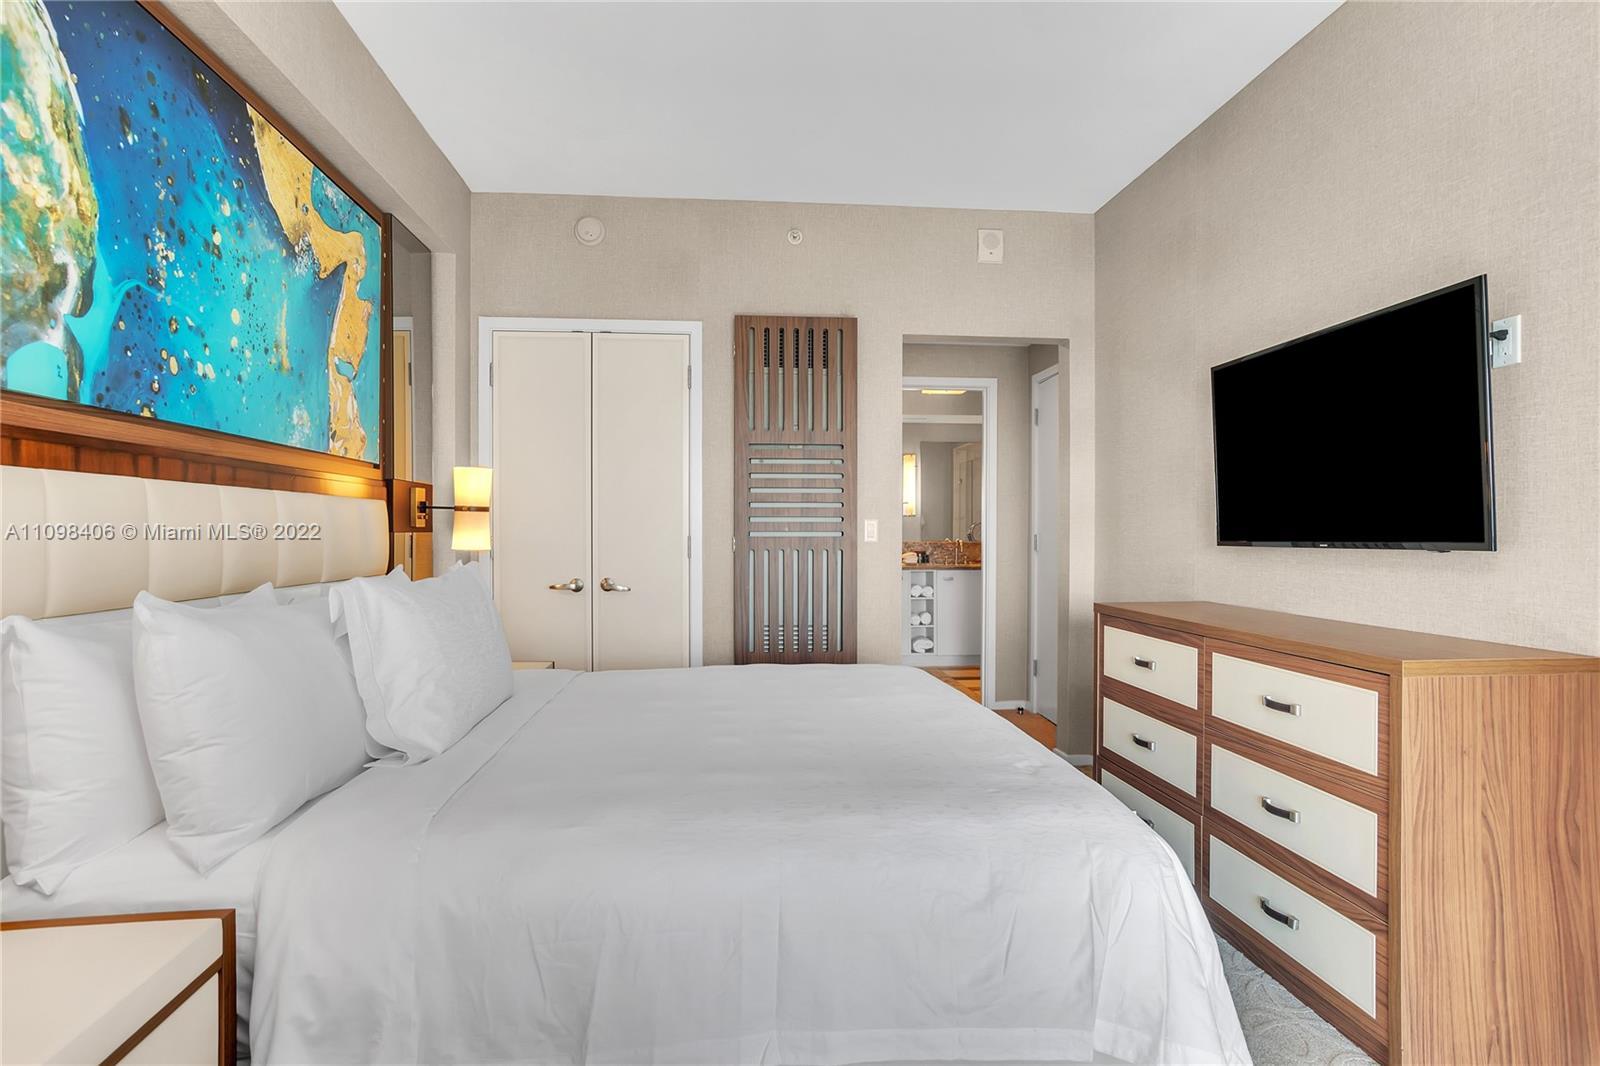 Ocean Resort Residences #H903 - 551 N Fort Lauderdale Beach Blv #H903, Fort Lauderdale, FL 33304